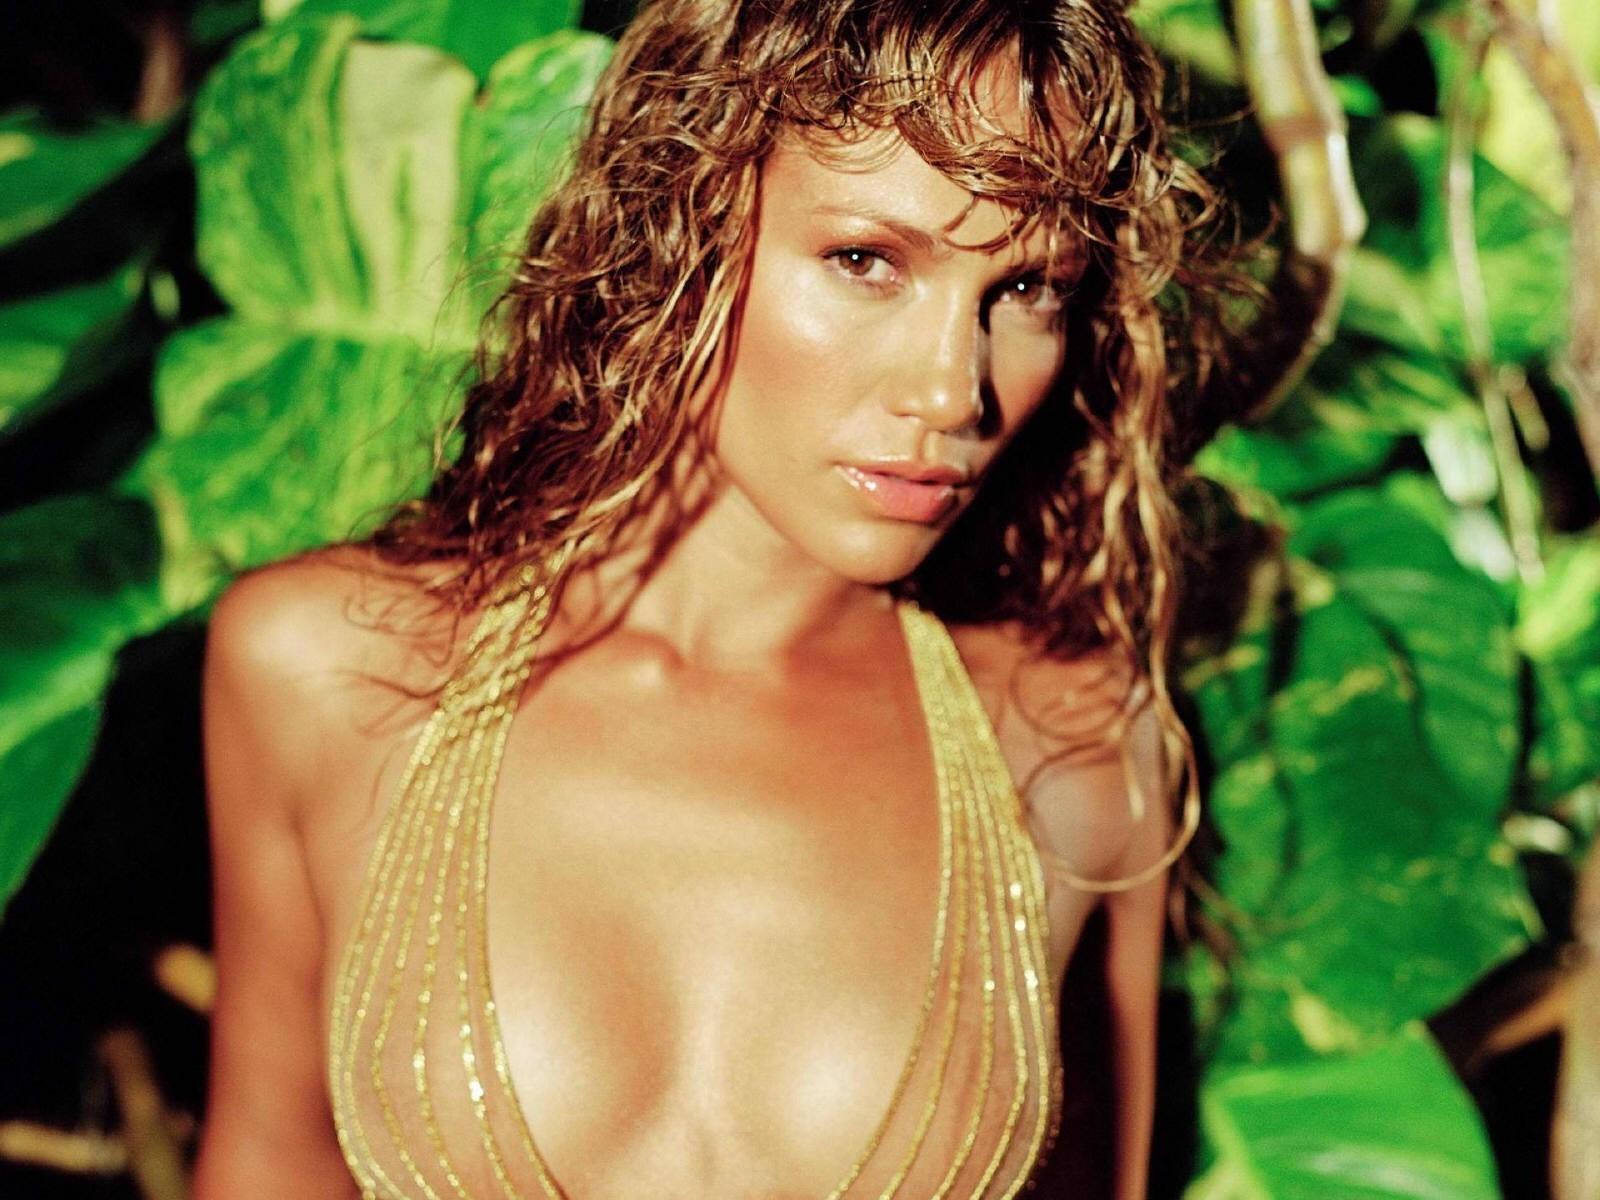 Wallpaper di Jennifer Lopez, cantante e attrice di origine latina